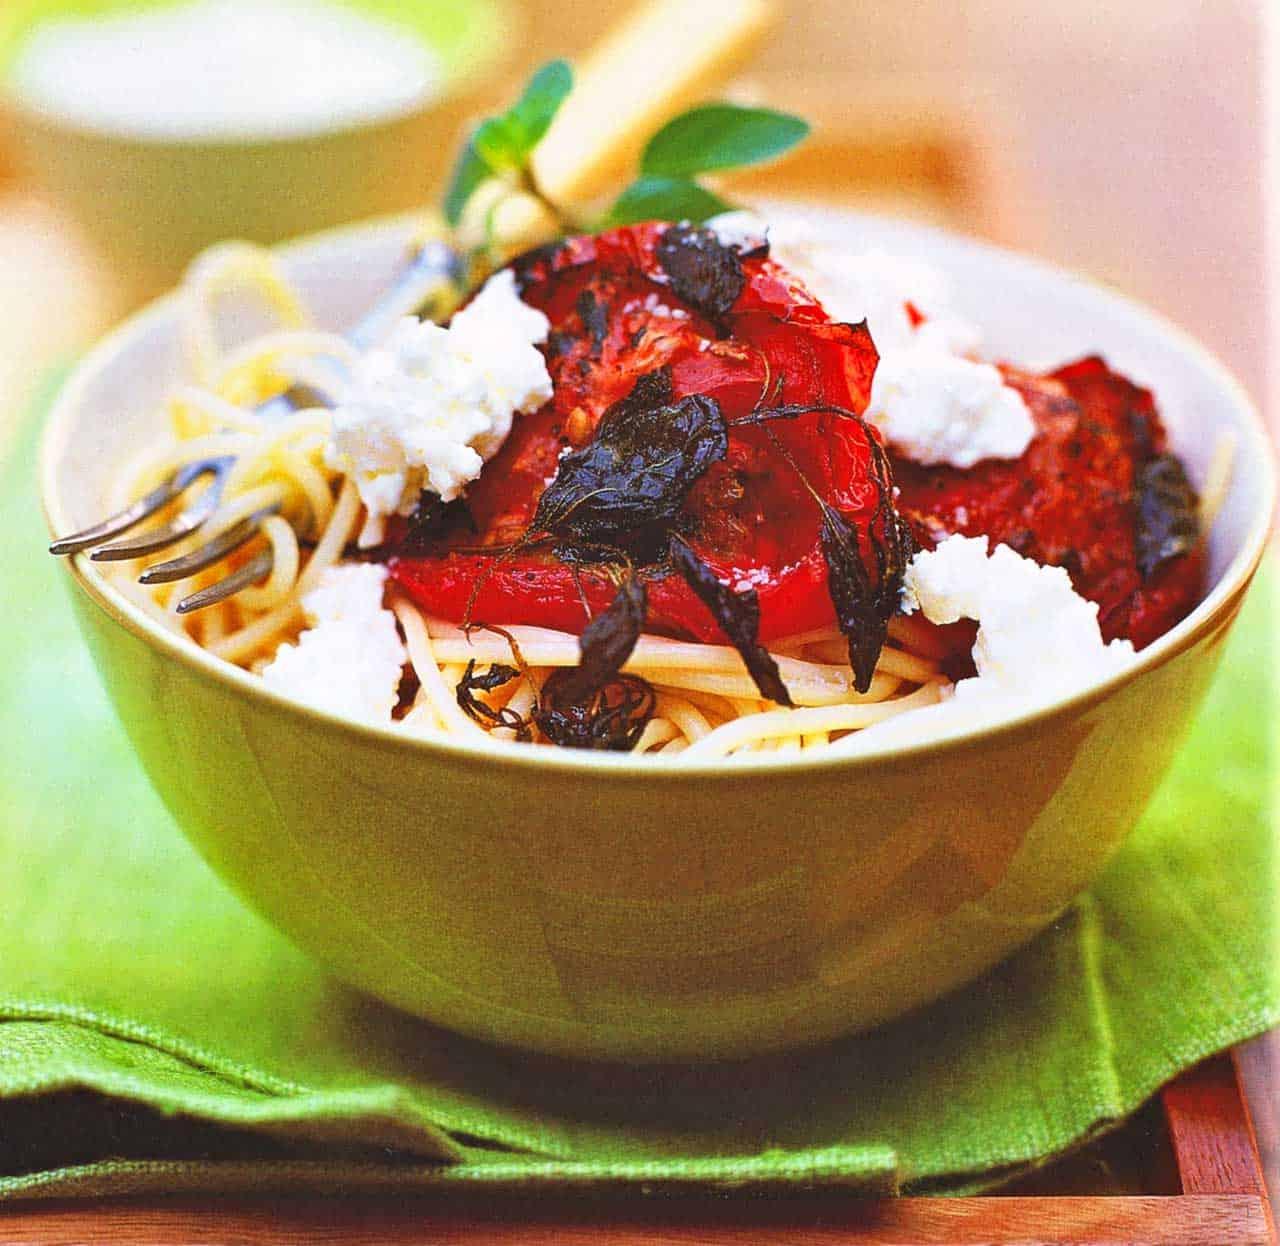 tomato pasta recipe-Spaghetti recipes www.eatopic.com